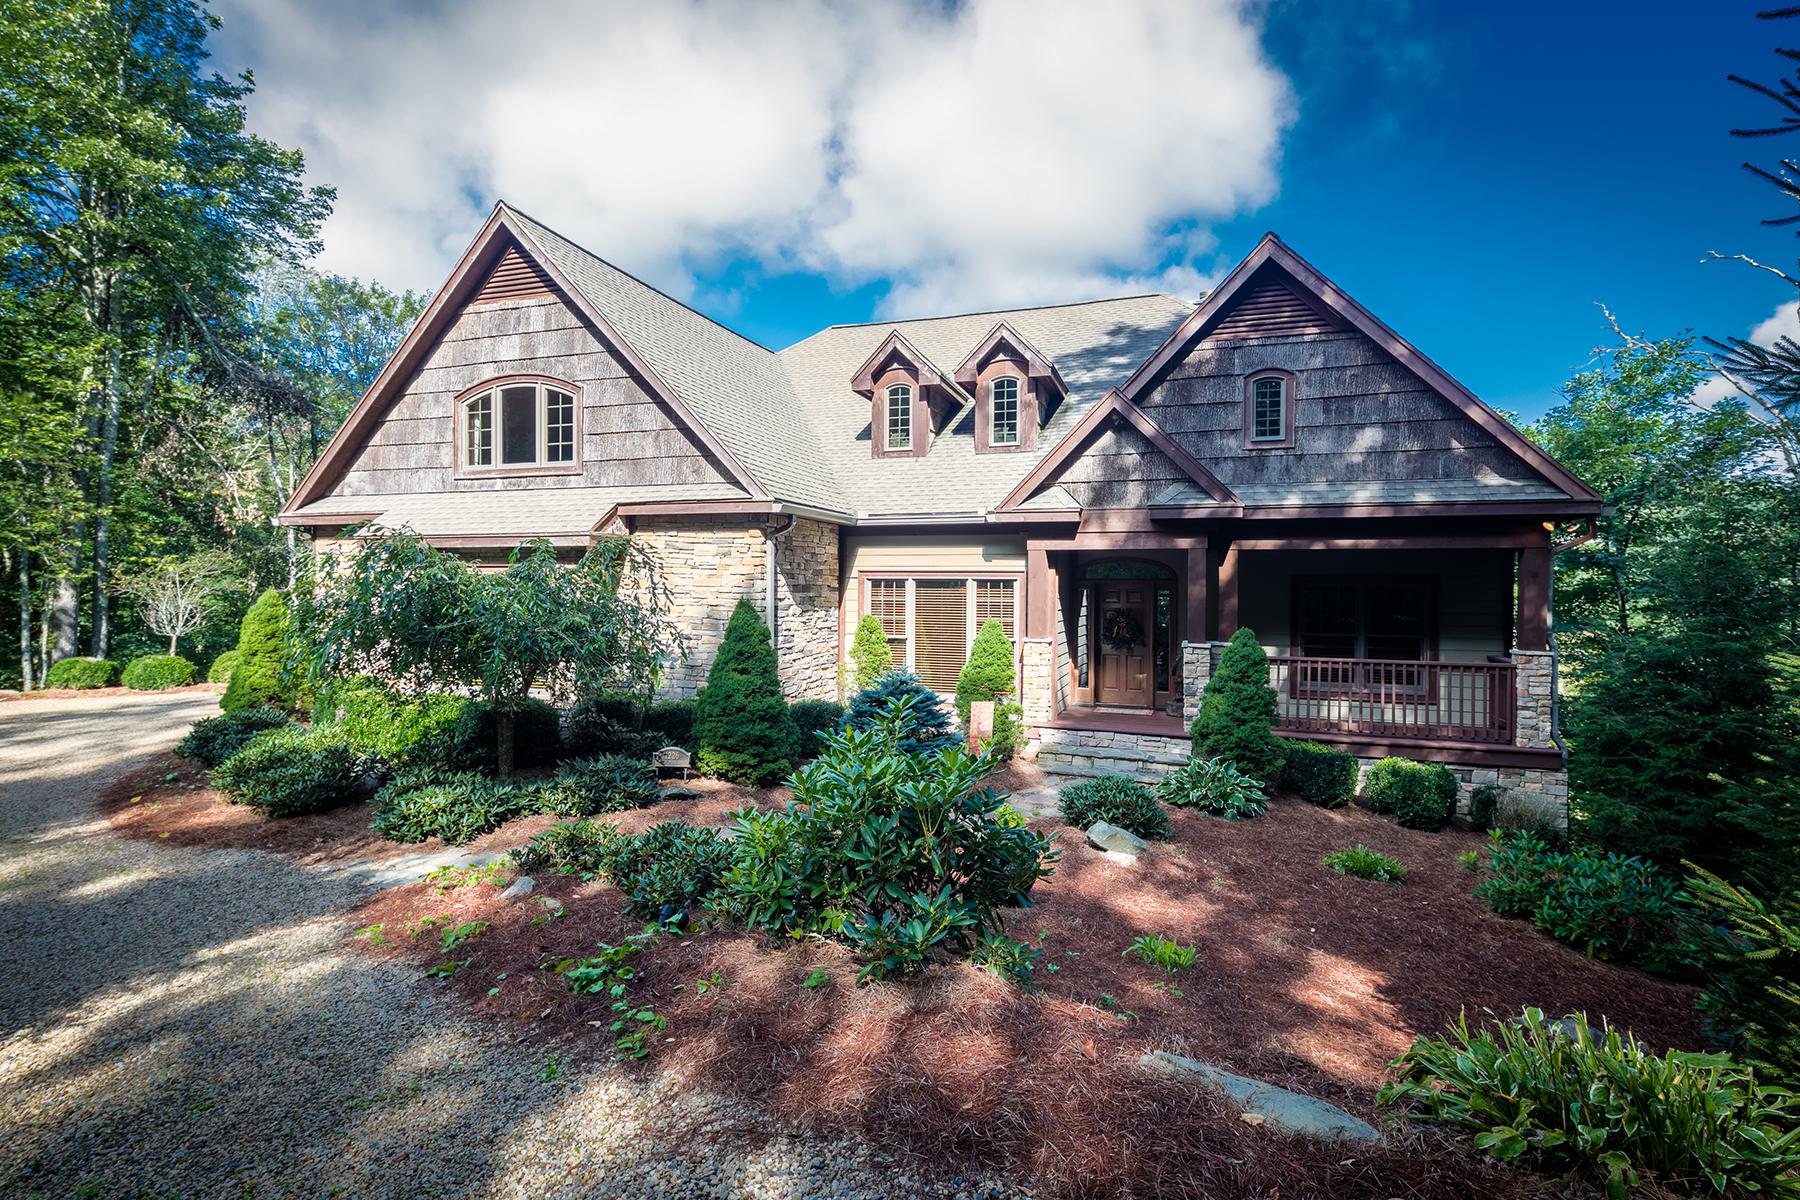 단독 가정 주택 용 매매 에 SUGAR MOUNTAIN 1226 Grouse Moor Sugar Mountain, 노스캐놀라이나, 28604 미국